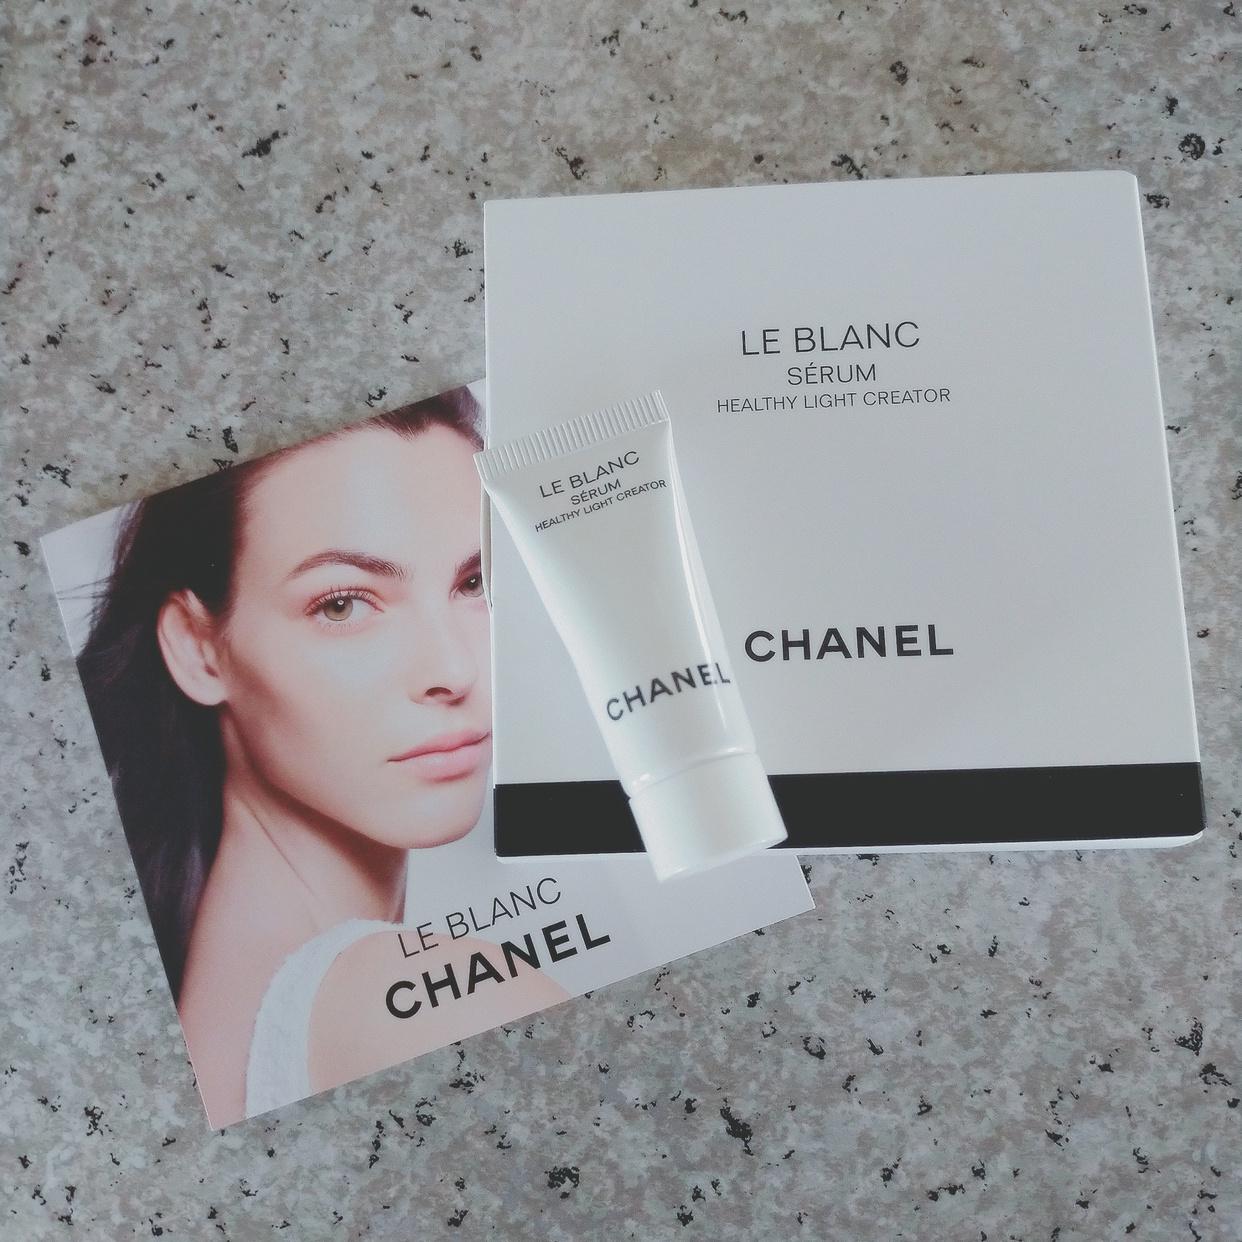 CHANEL(シャネル) ル ブラン セラム HLCSを使ったみこさんのクチコミ画像1